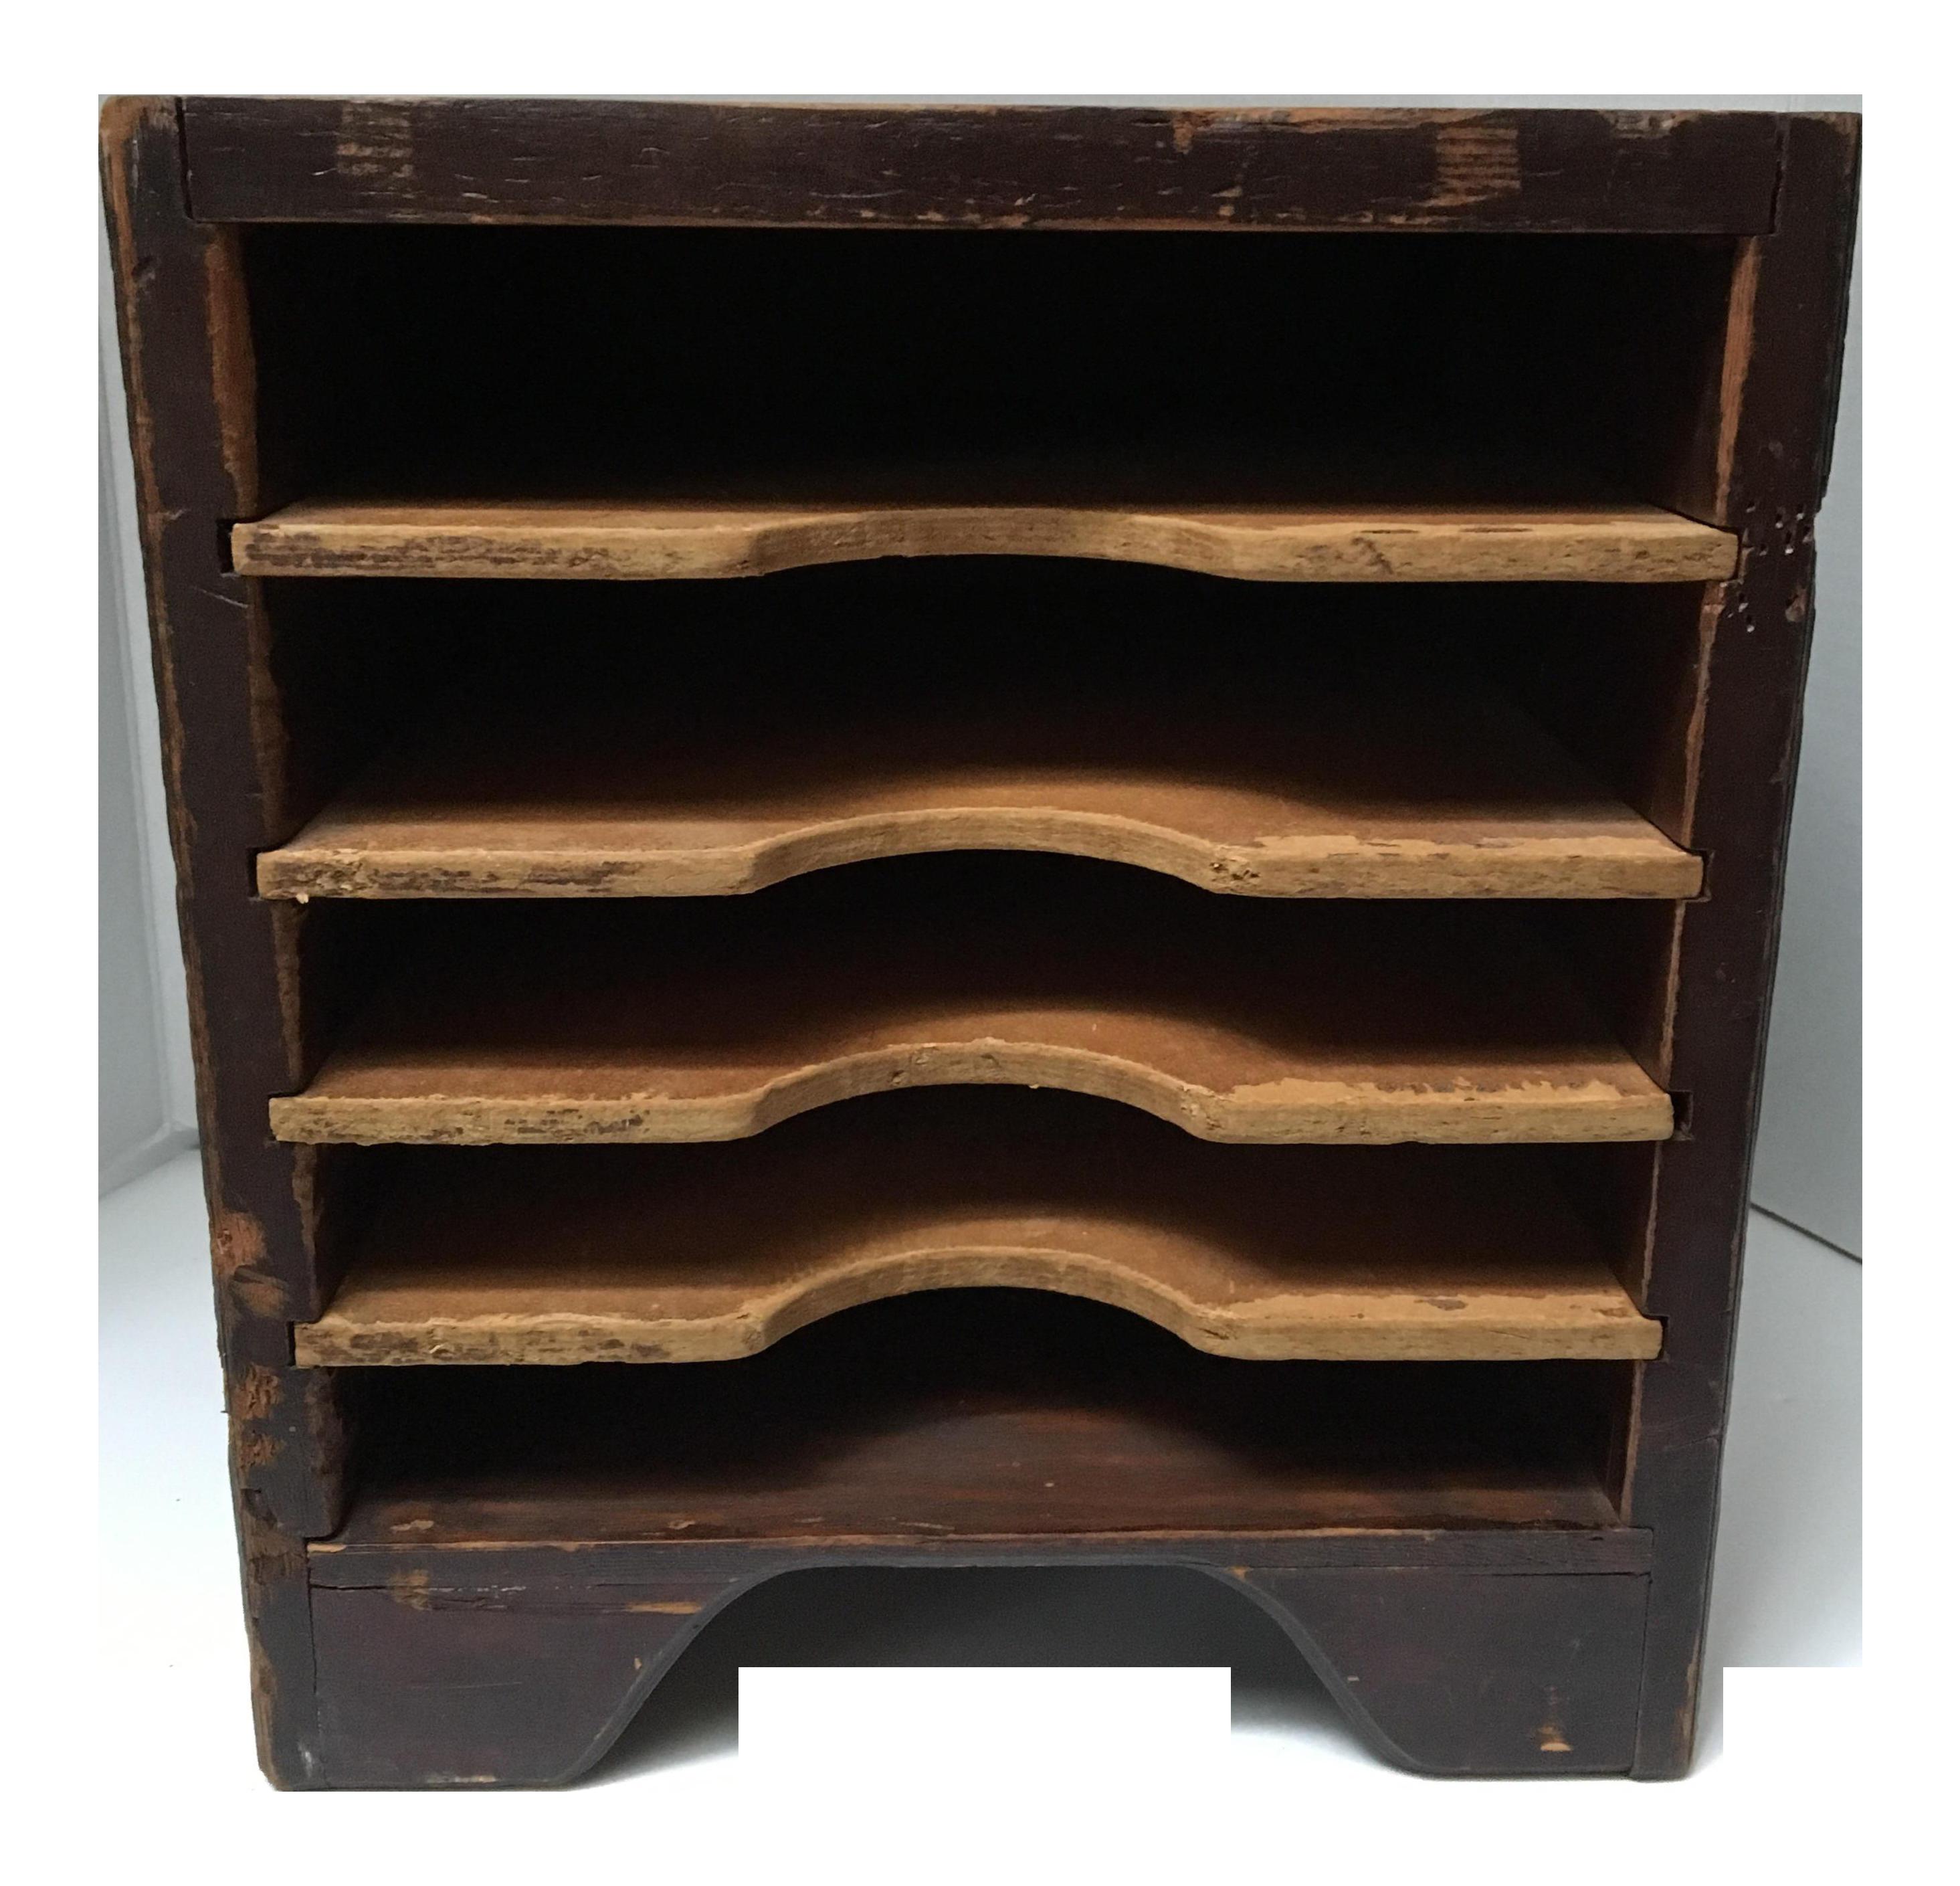 image of vintage wooden paper sorter